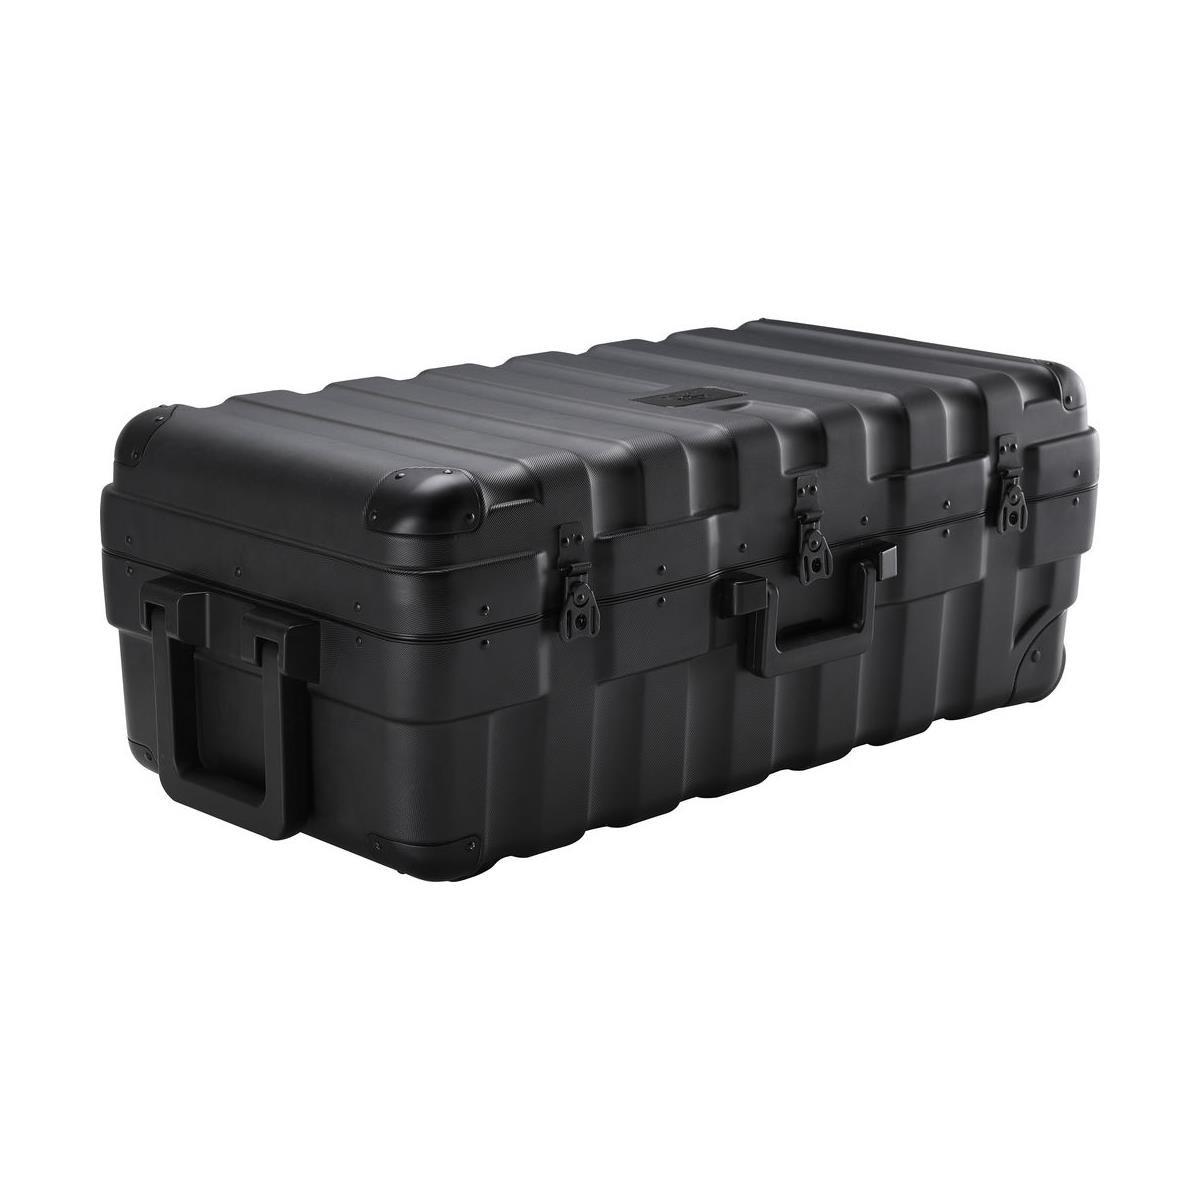 DJI Matrice 200 (Part 13) M210 Carrying Case